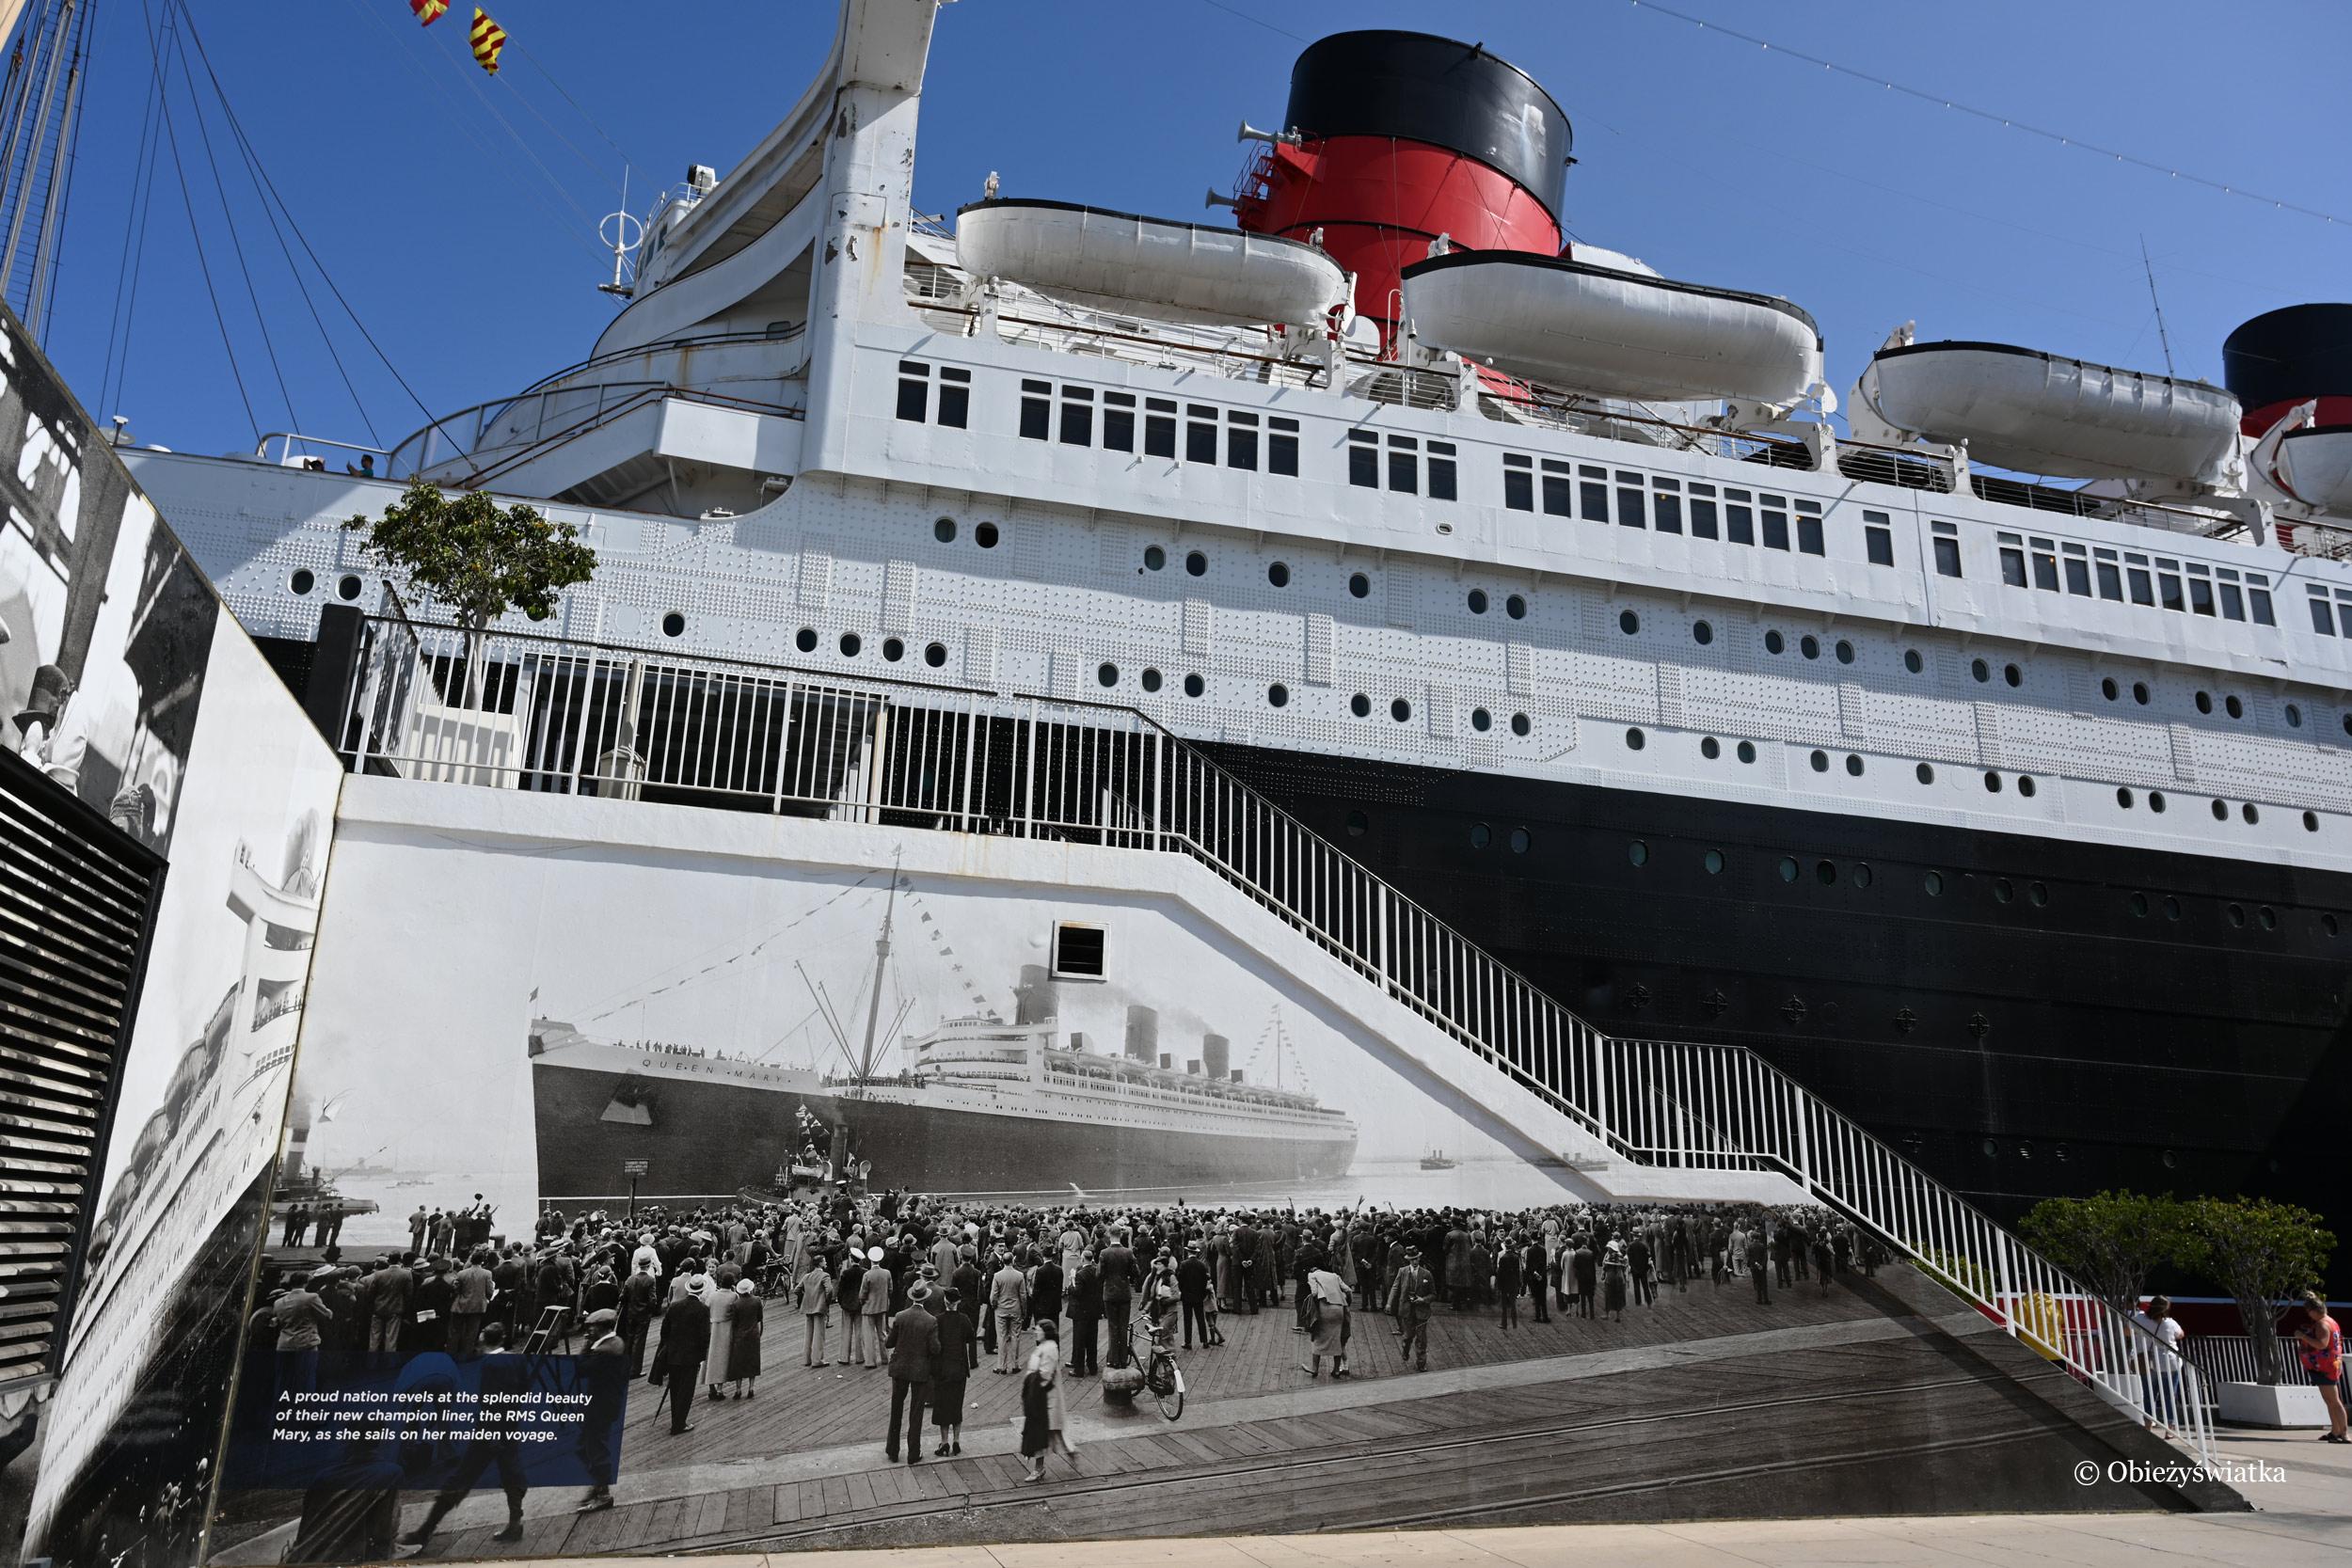 Pierwszy transatlantyk Queen Mary 2 z 1936 roku - dzisiaj jako hotel w Long Beach, Kalifornia